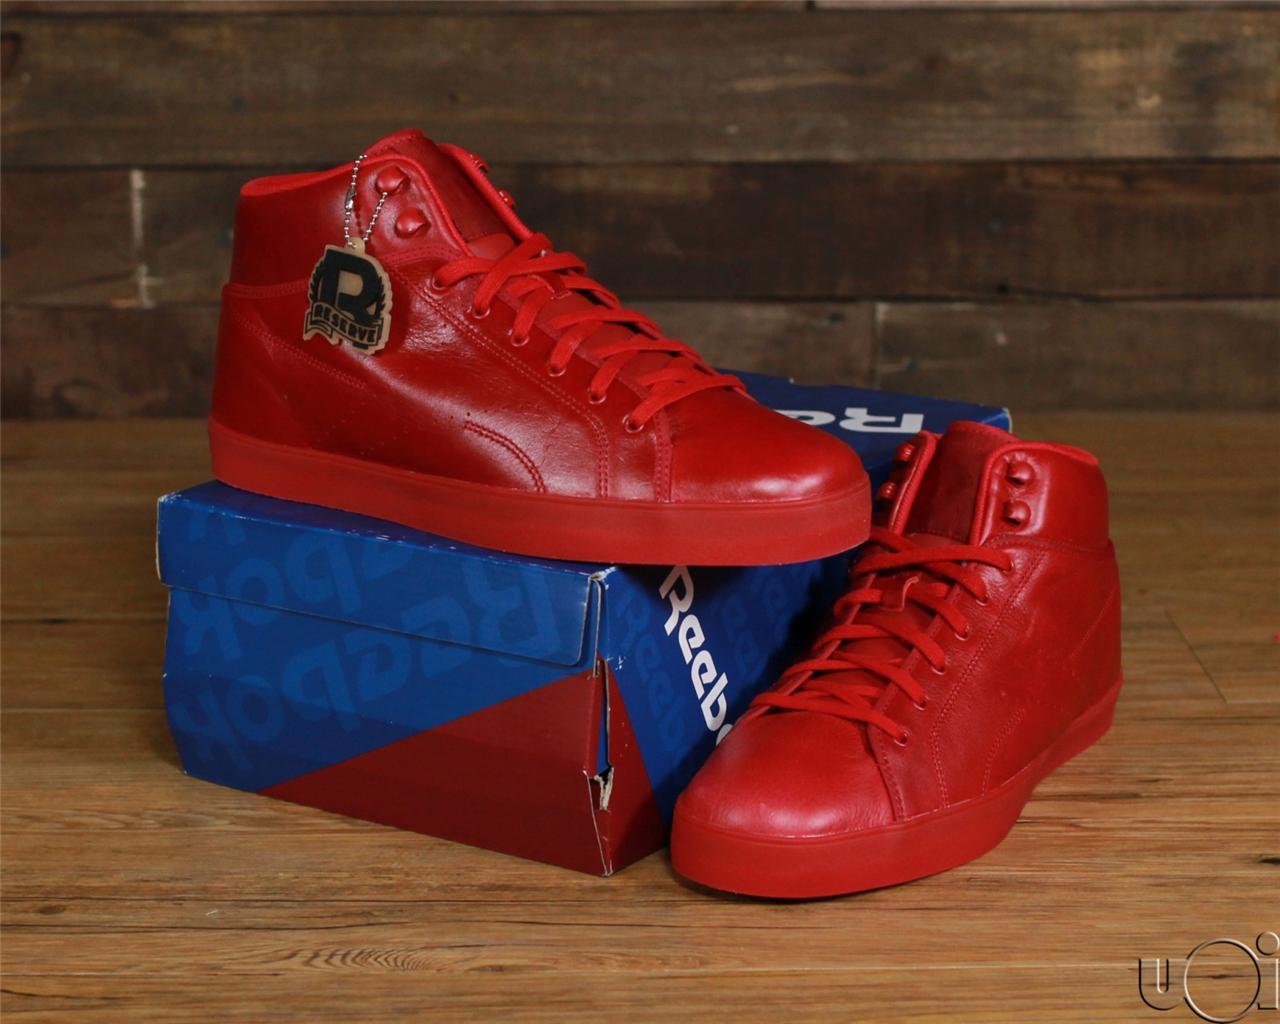 Buy reebok t raww sneakers ced4e33f9